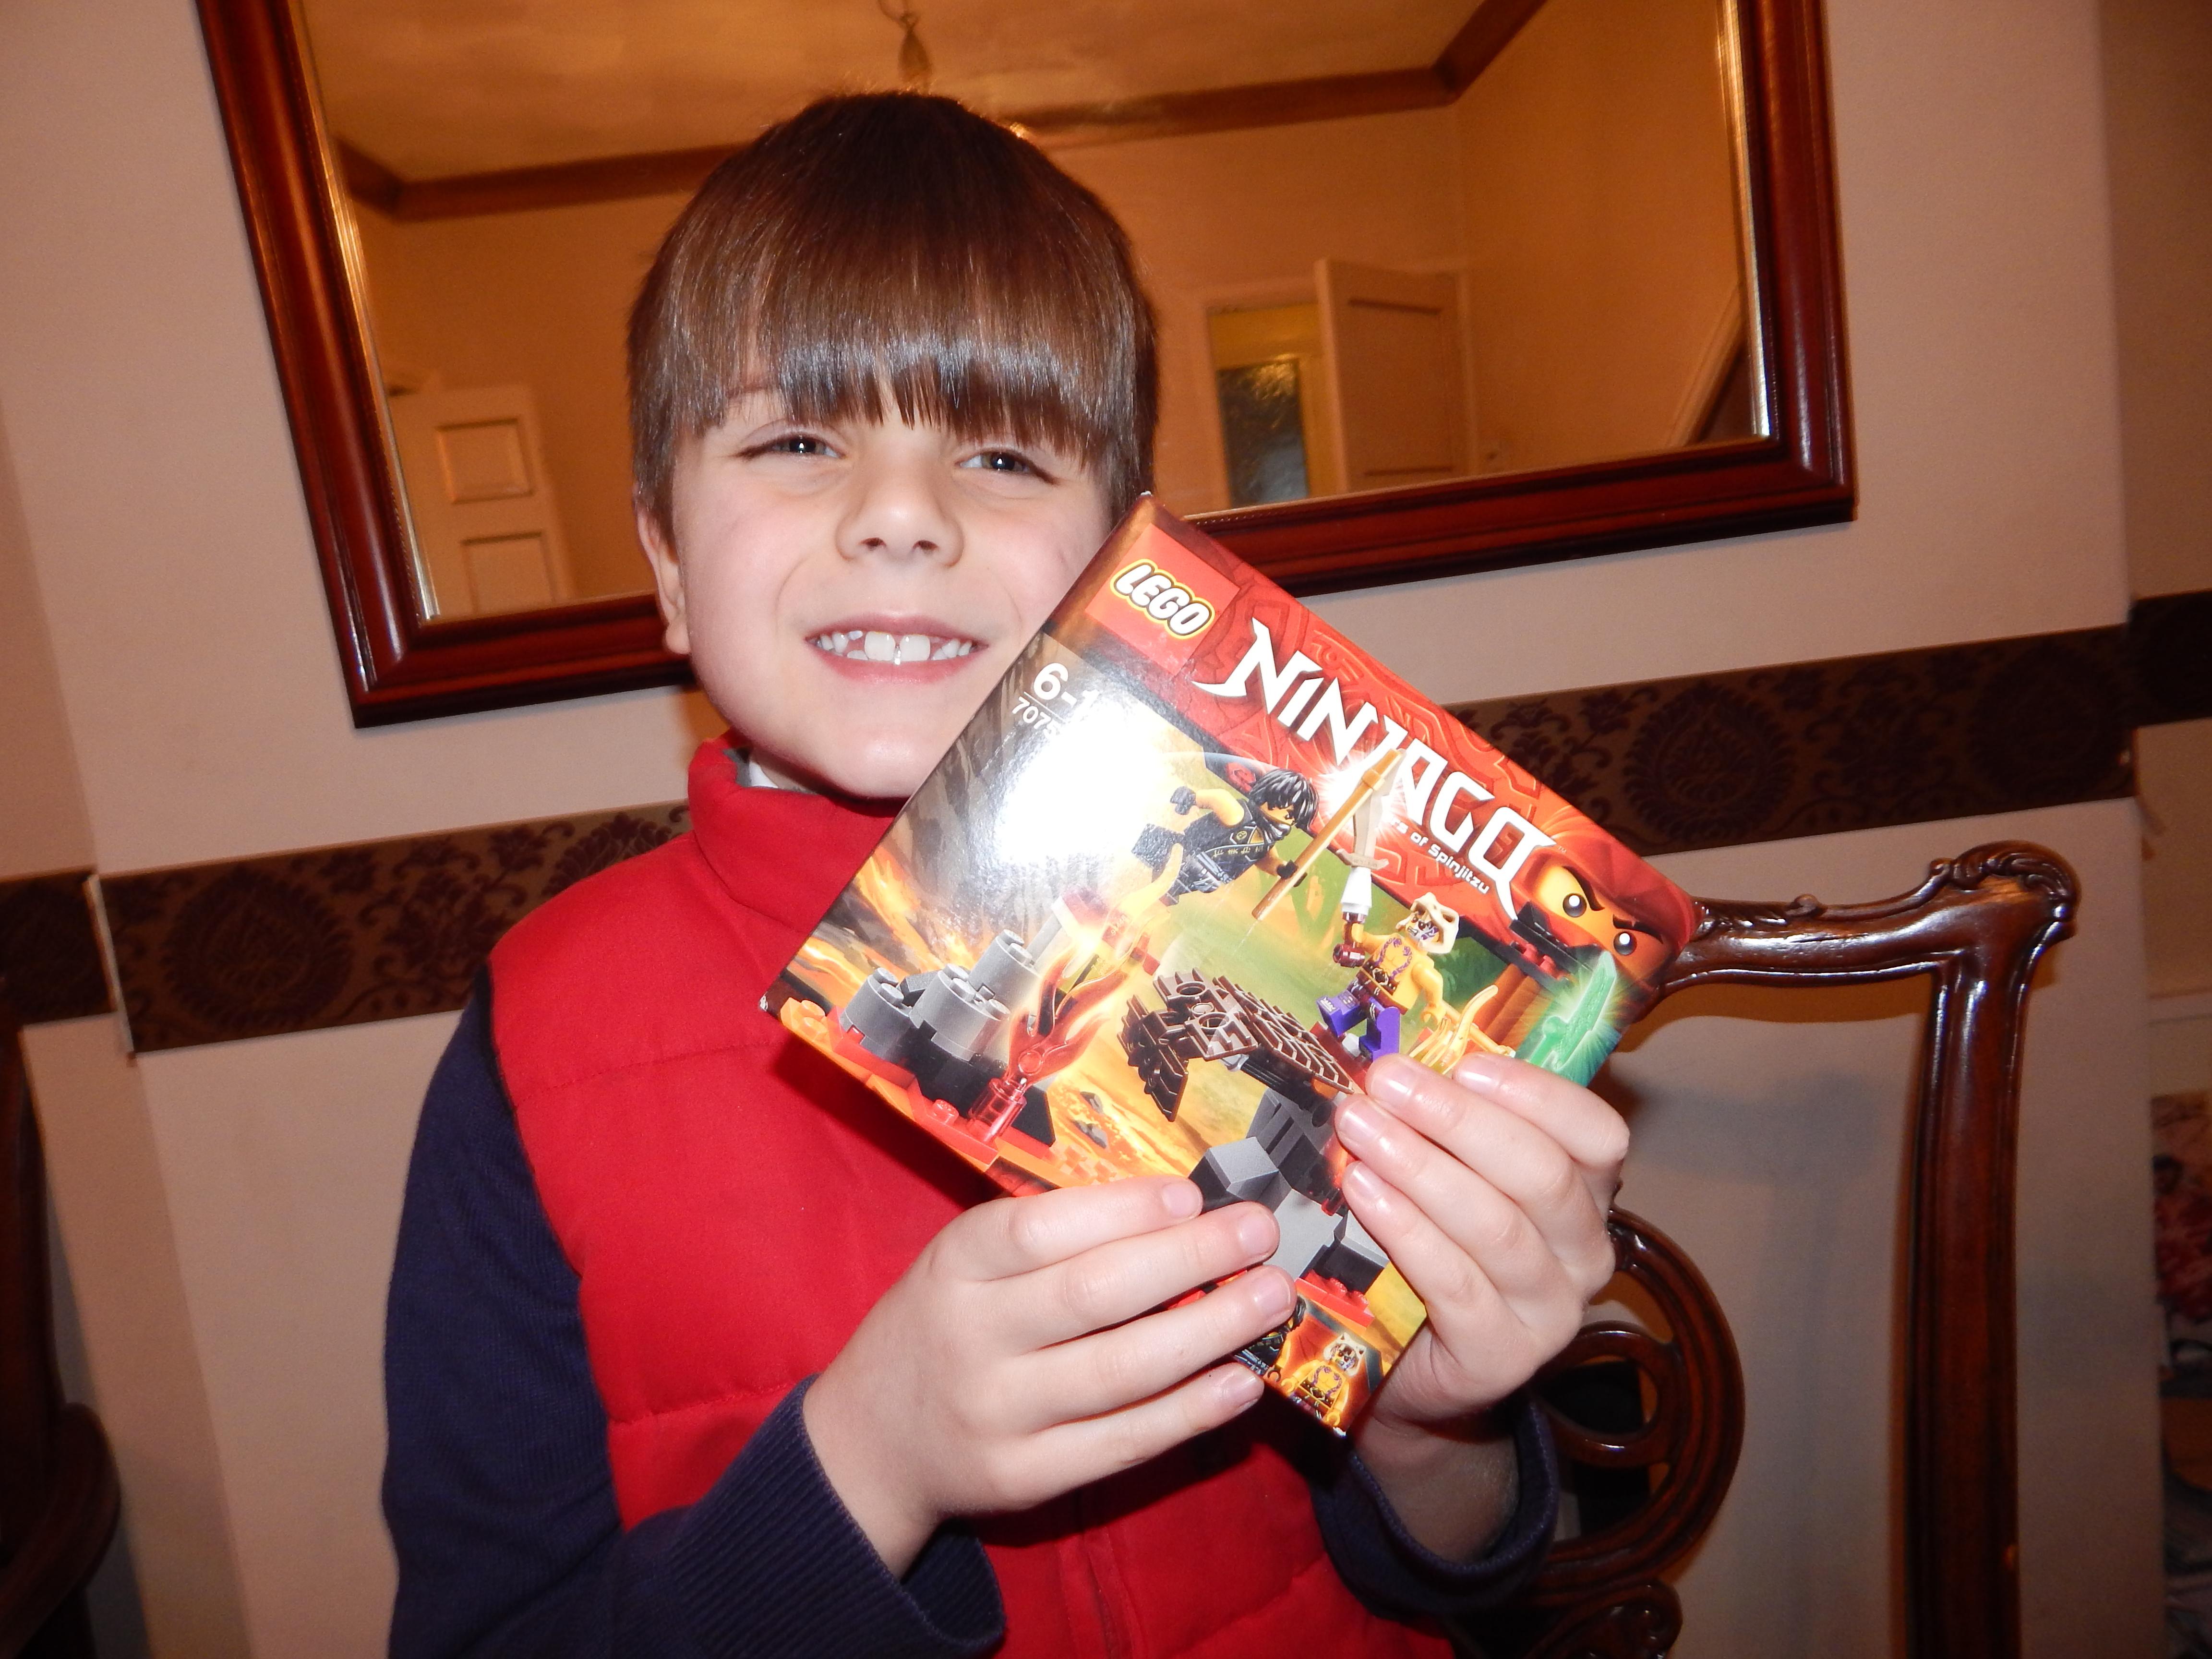 Cartoon network lego ninjago masters of spinjitzu season 4 - Lego ninjago 4 ...